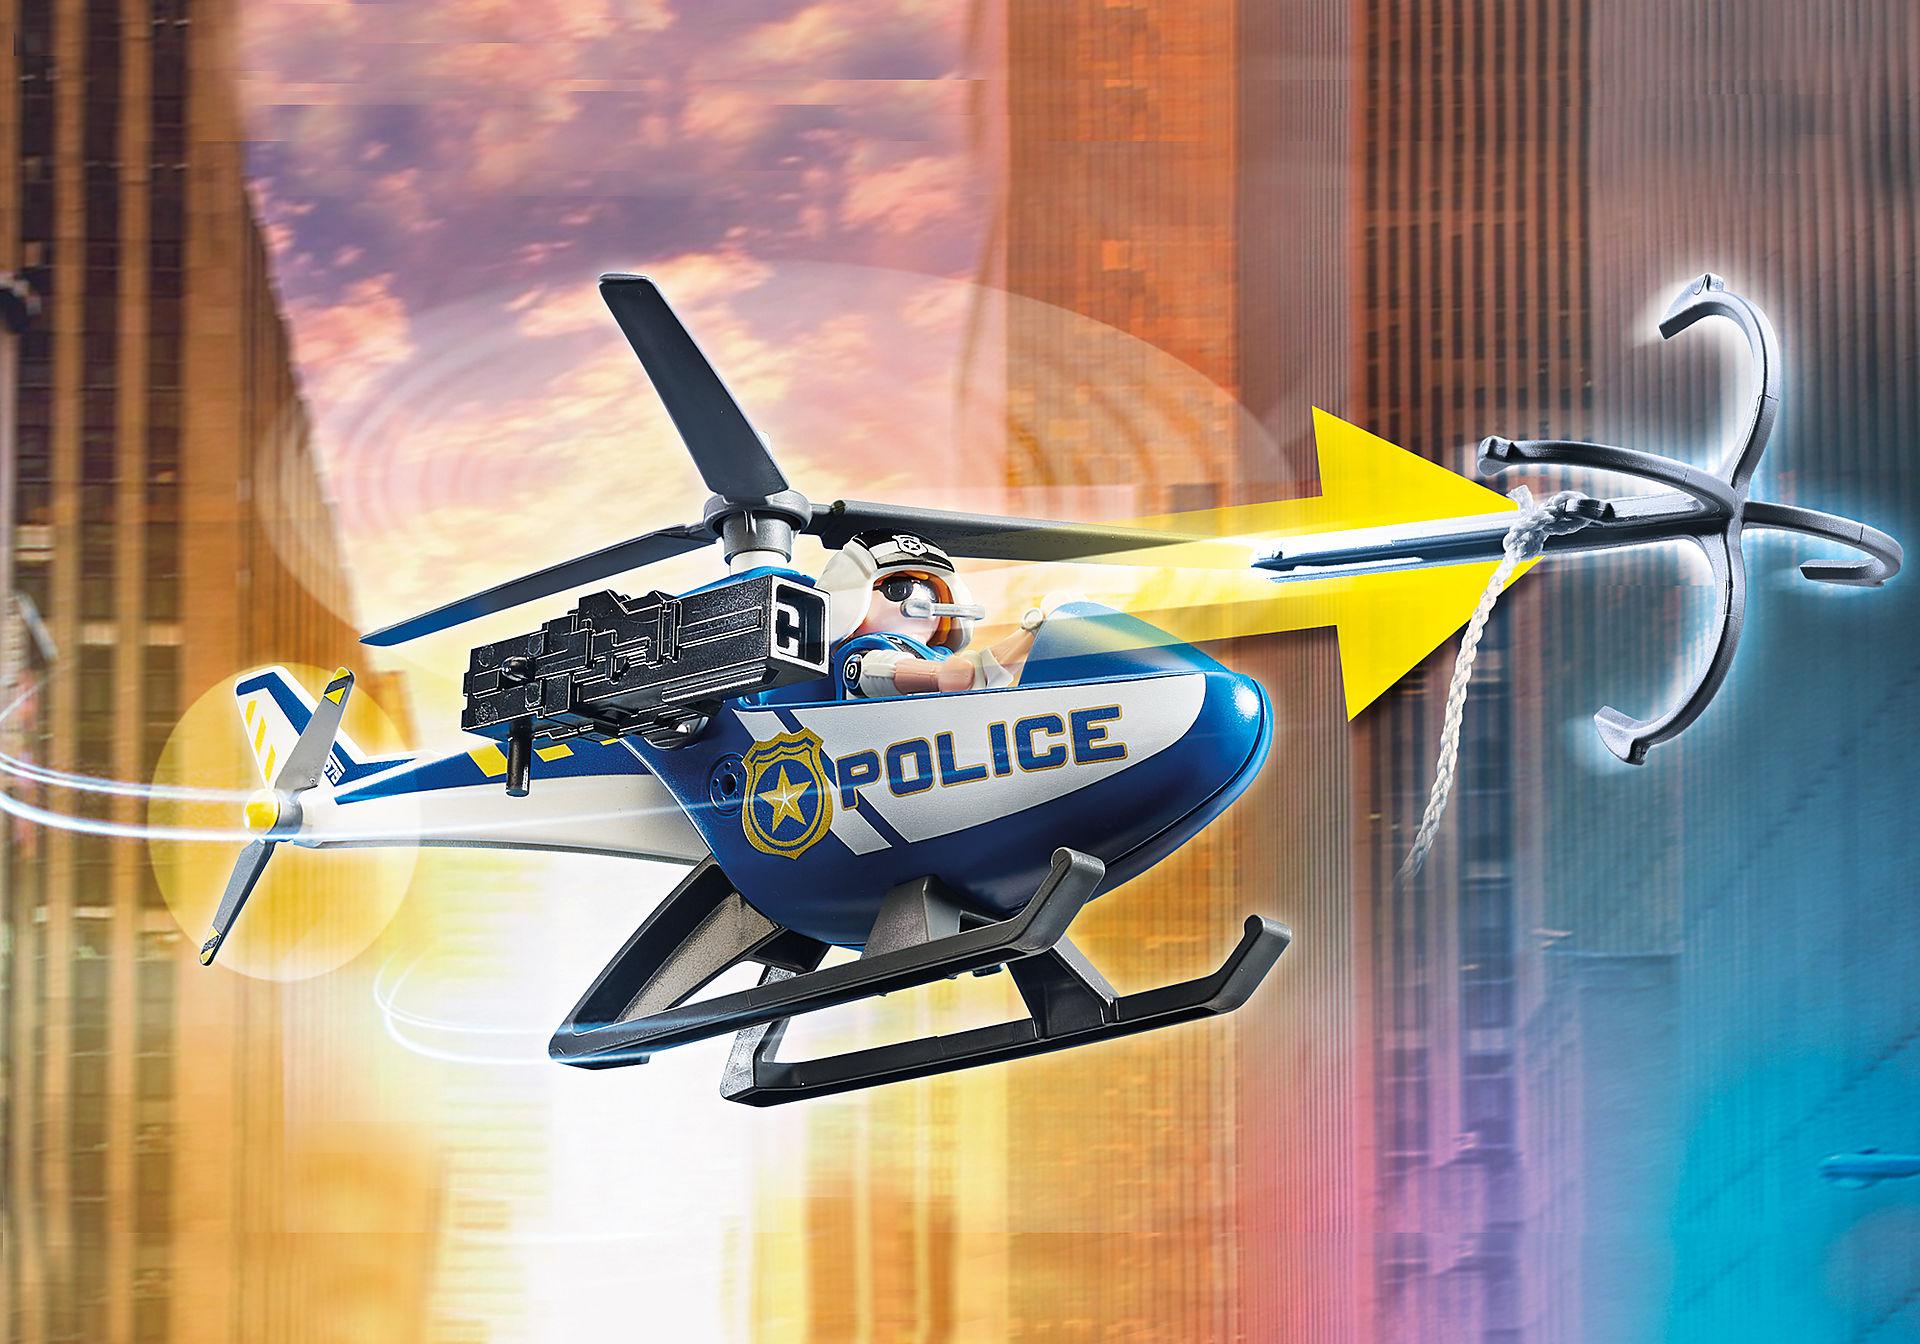 70575 Politiehelikopter: achtervolging van het vluchtvoertuig zoom image6